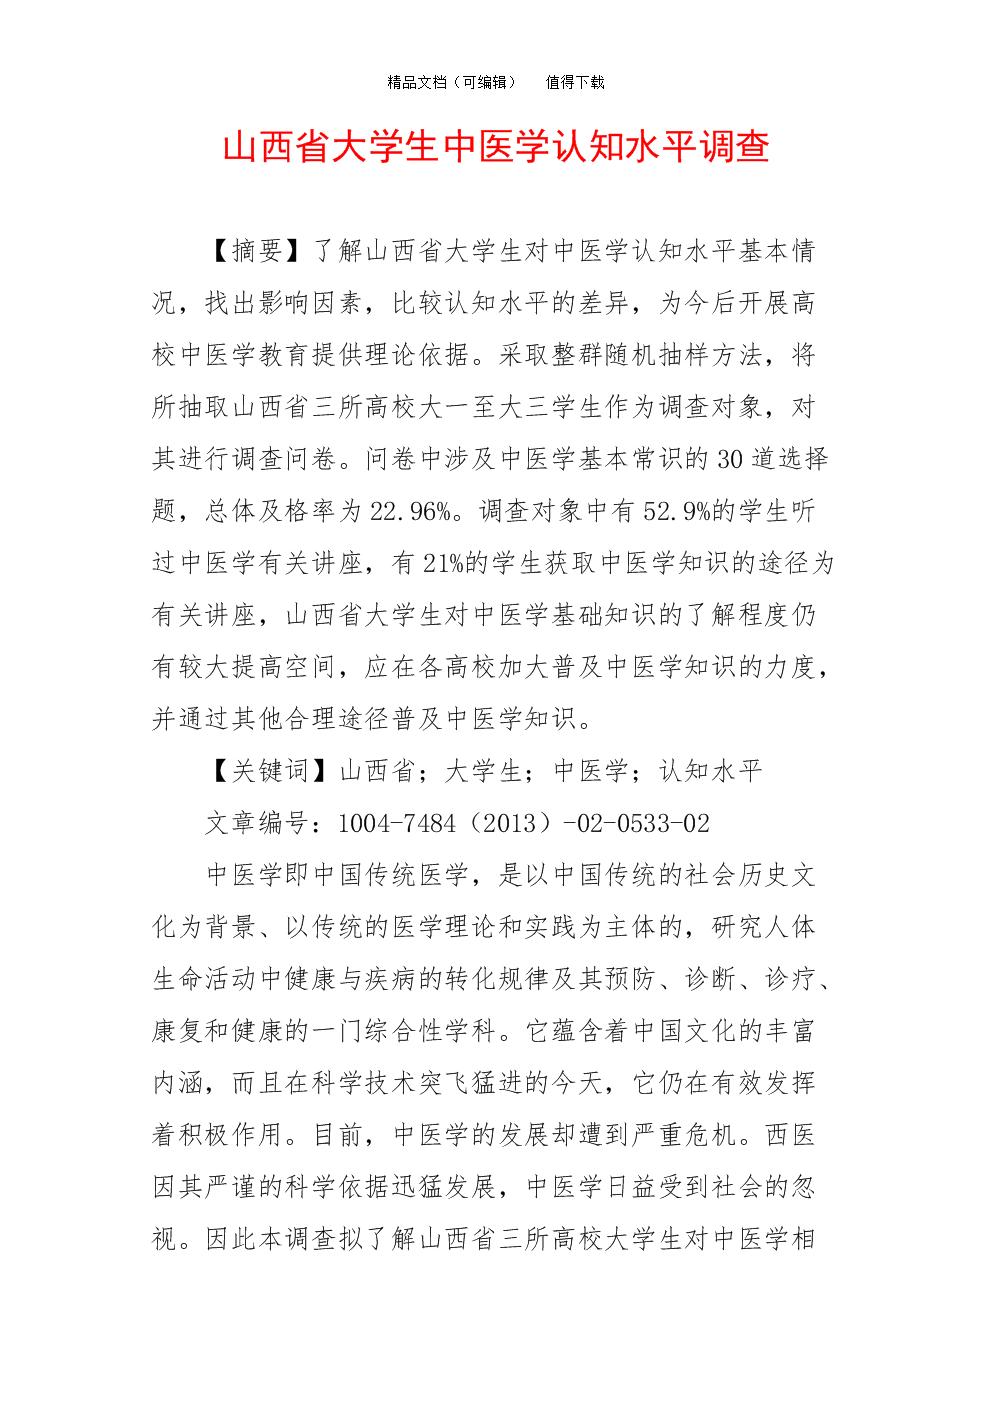 山西省大学生中医学认知水平调查.doc